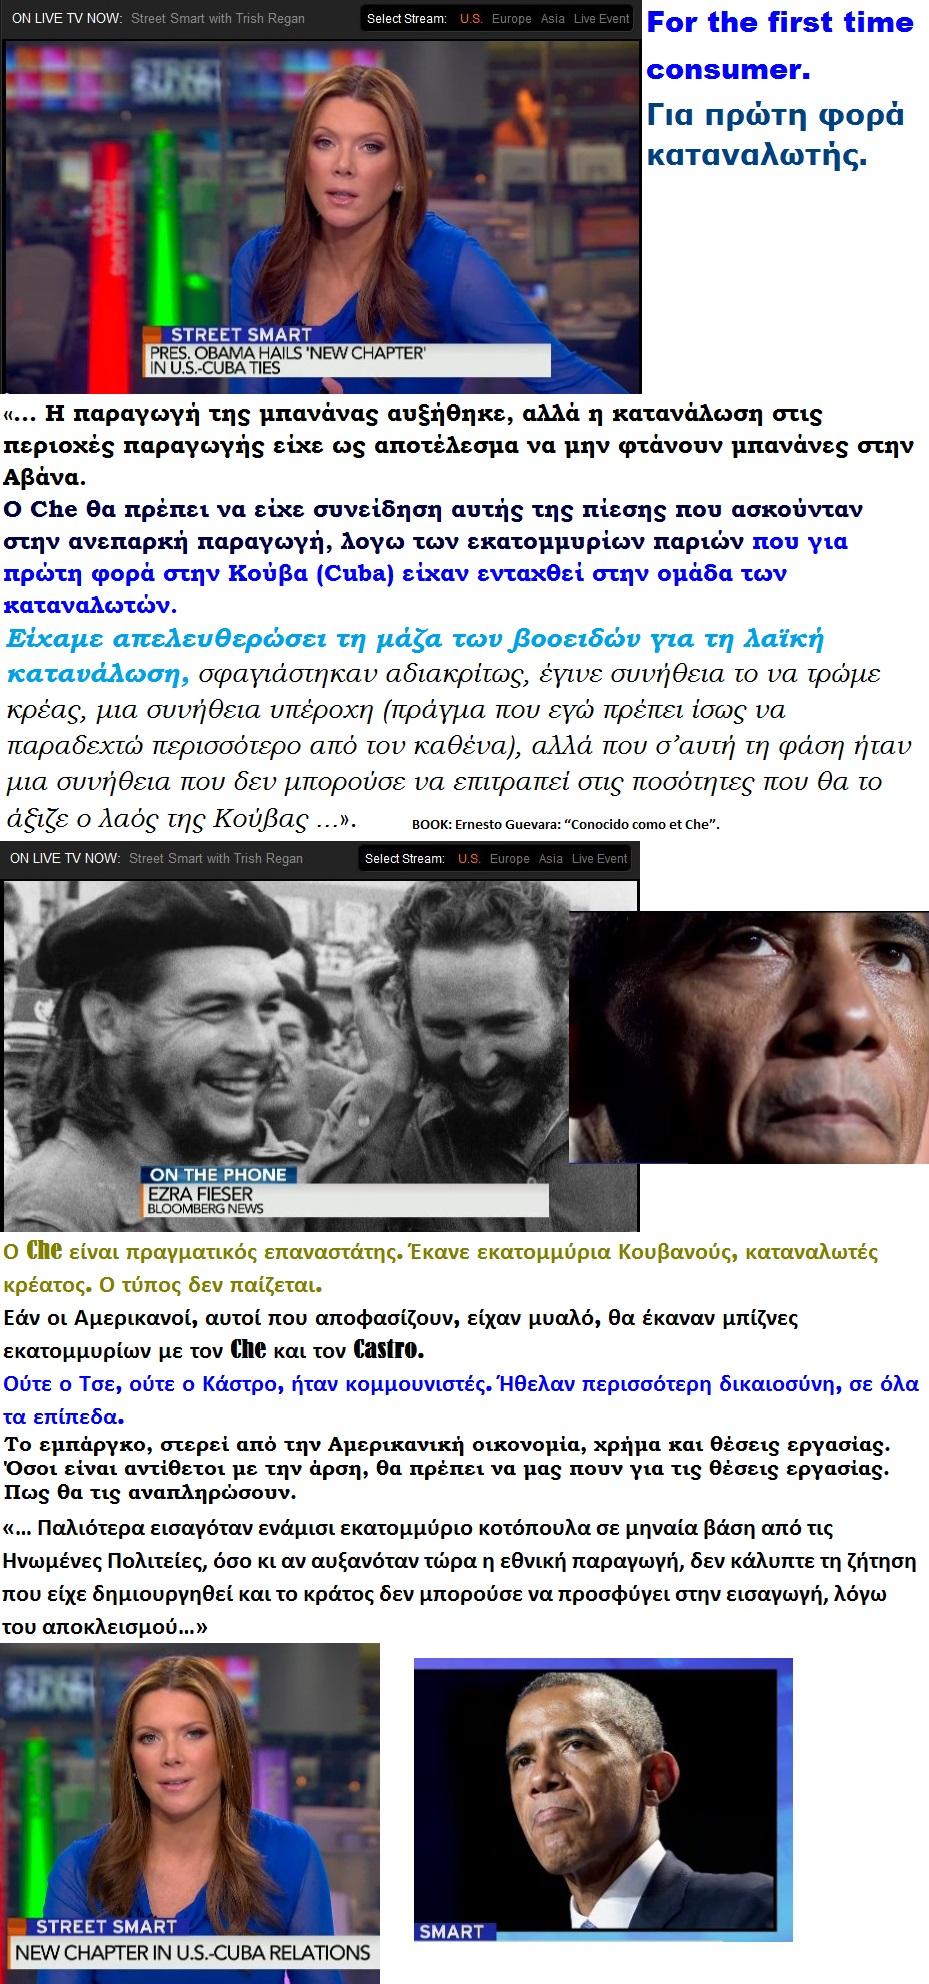 BLOOMBERG USA CUBA RELATIONS CHE CASTRO OBAMA 01 181214